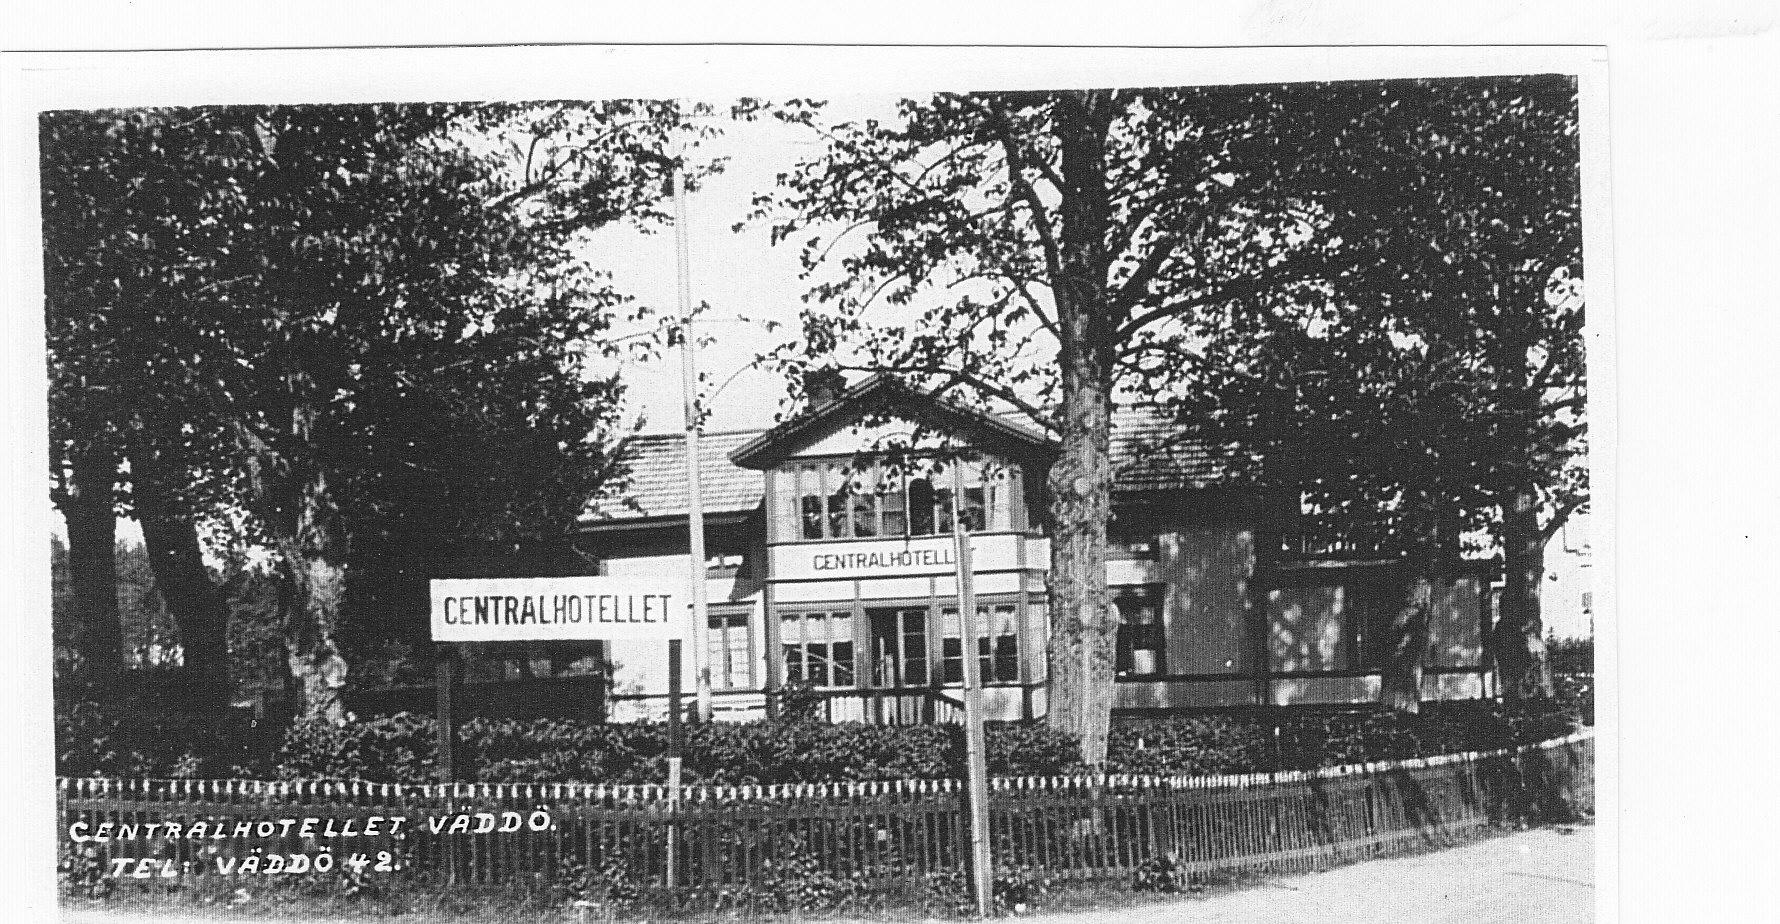 Centralhotellet_0006